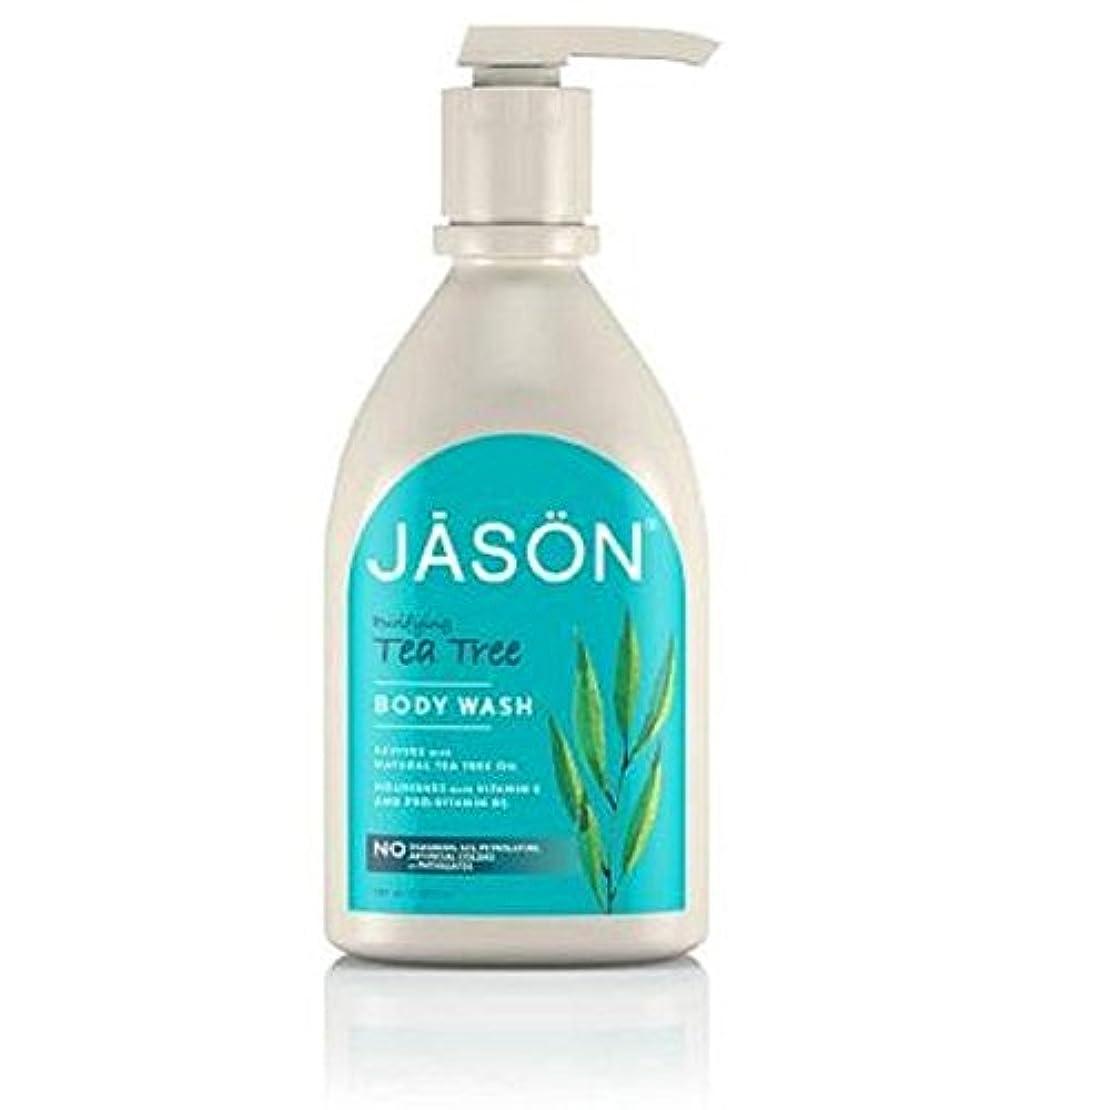 動物園ボット居間Jason Tea Tree Satin Body Wash Pump 900ml (Pack of 6) - ジェイソン?ティーツリーサテンボディウォッシュポンプ900ミリリットル x6 [並行輸入品]